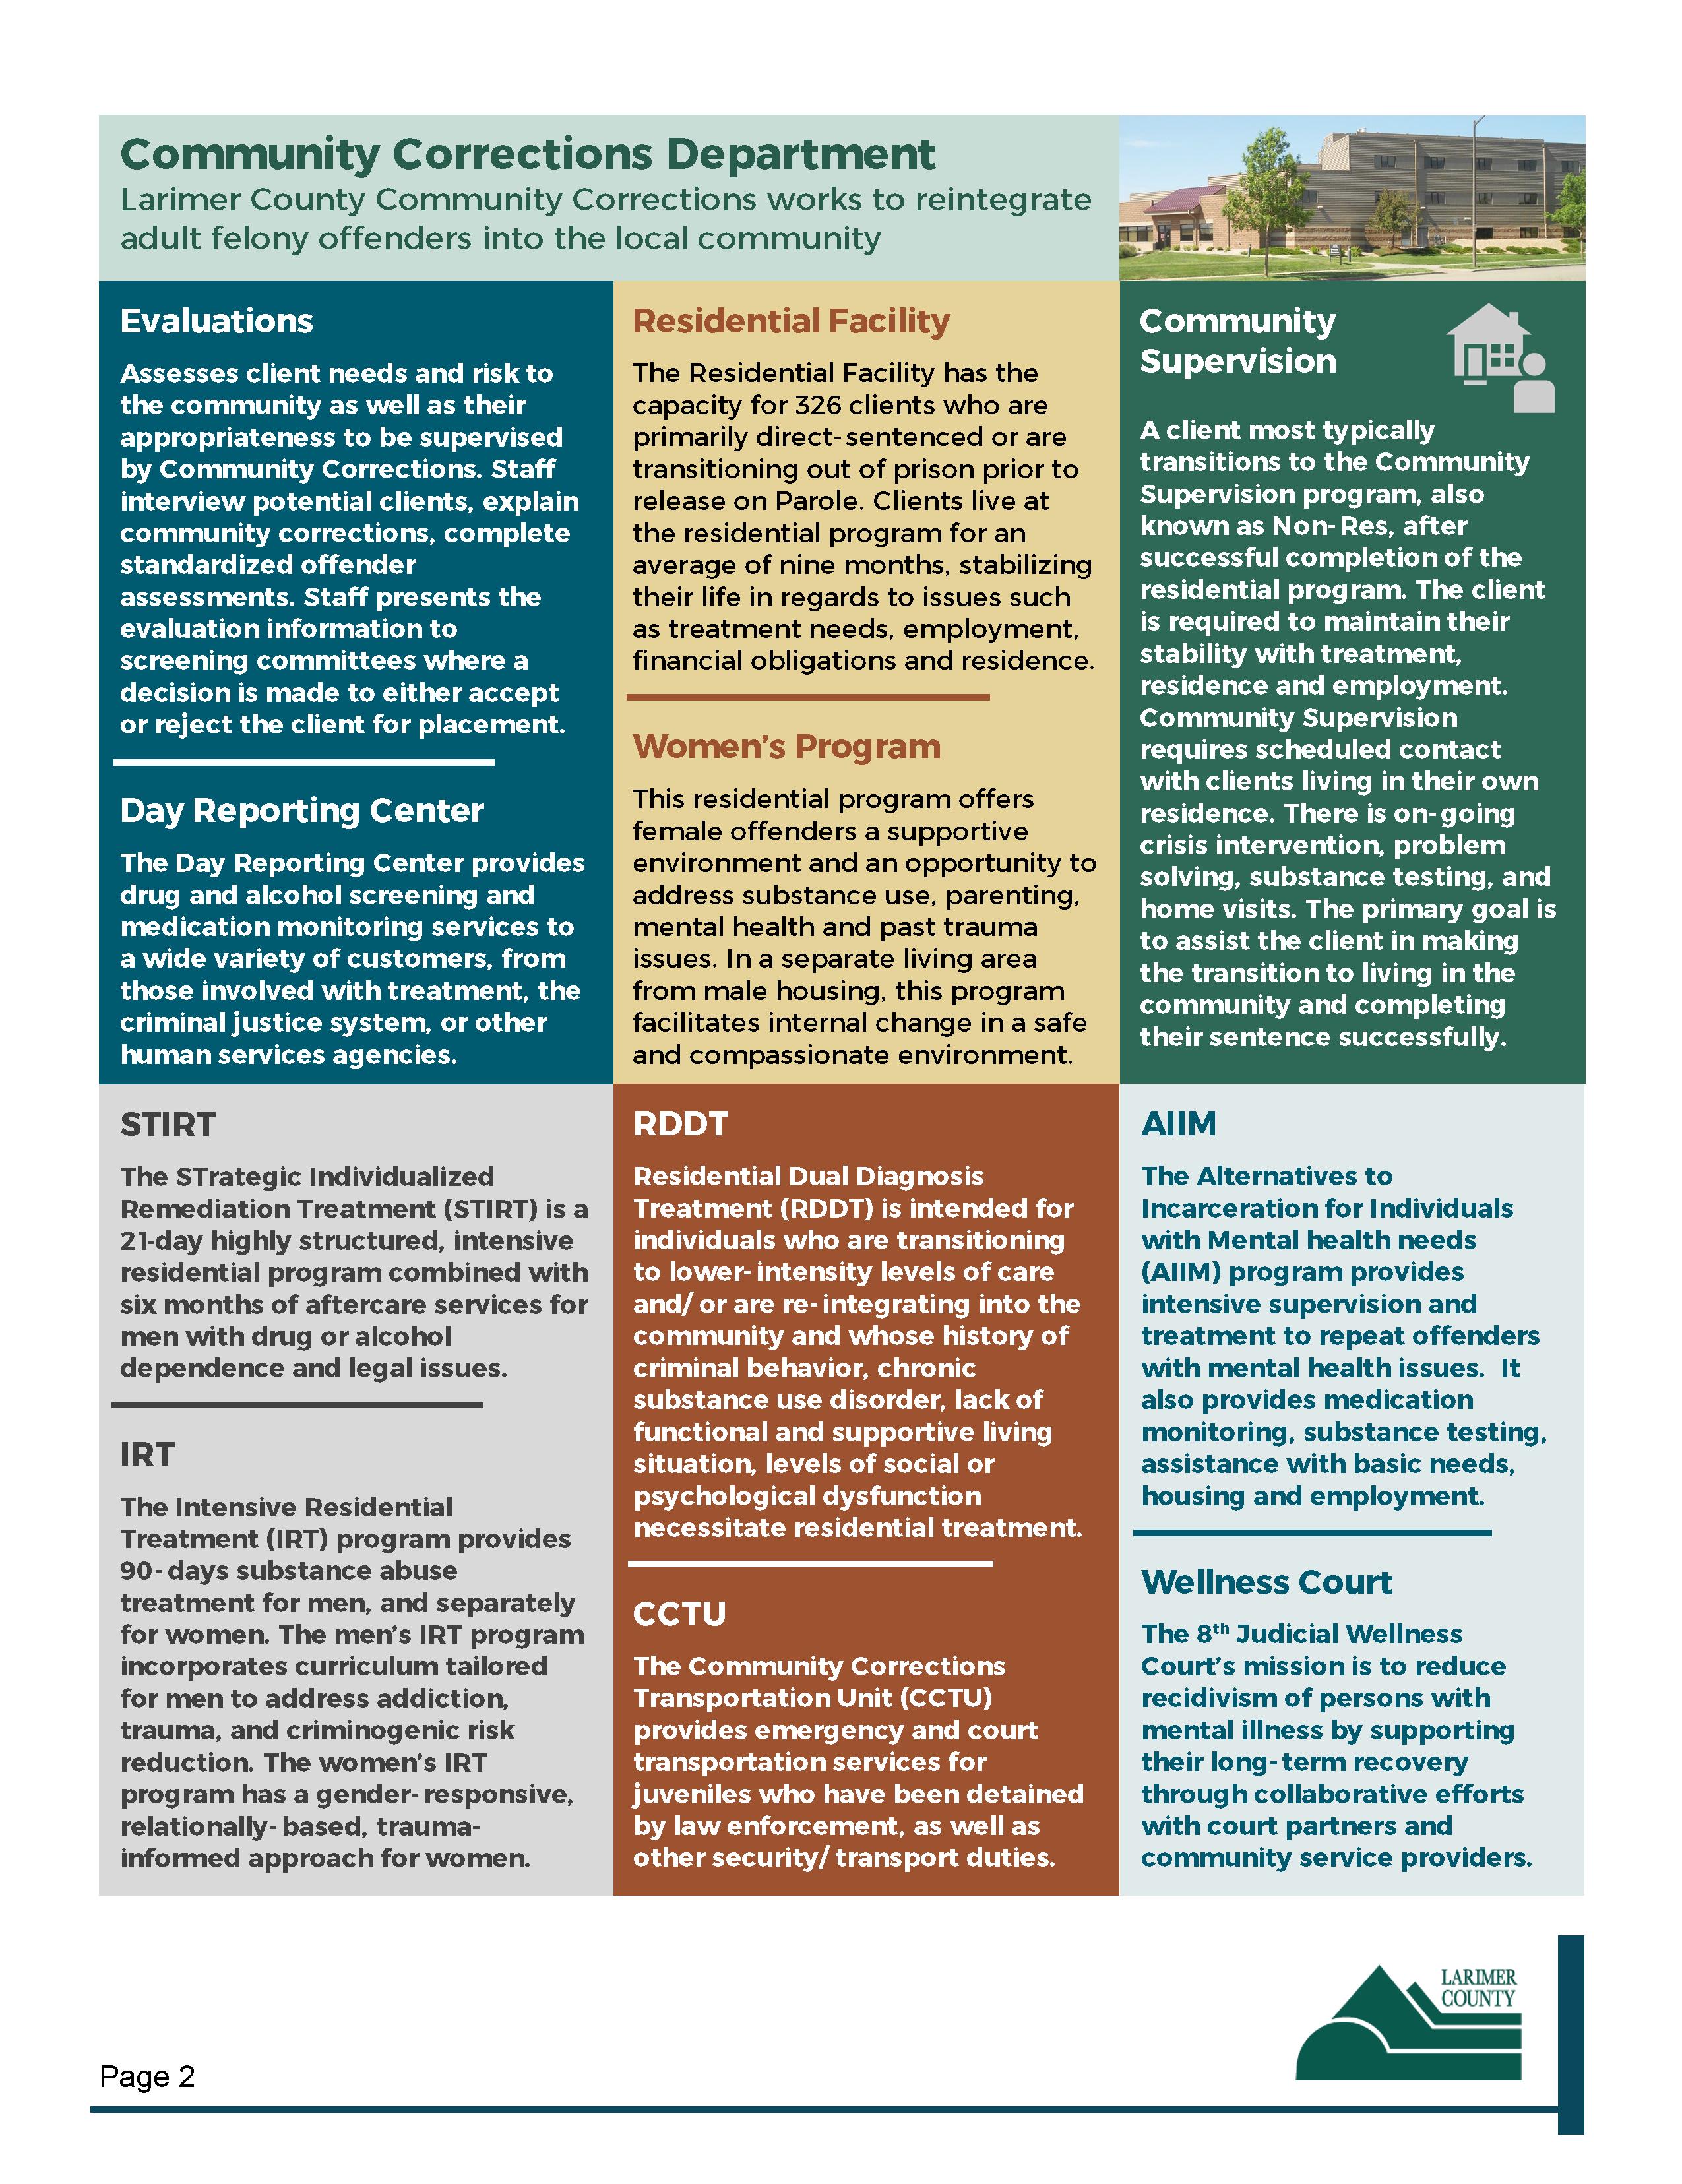 Imagen 2: Descripción general de los programas CJS - Página 2 de 2